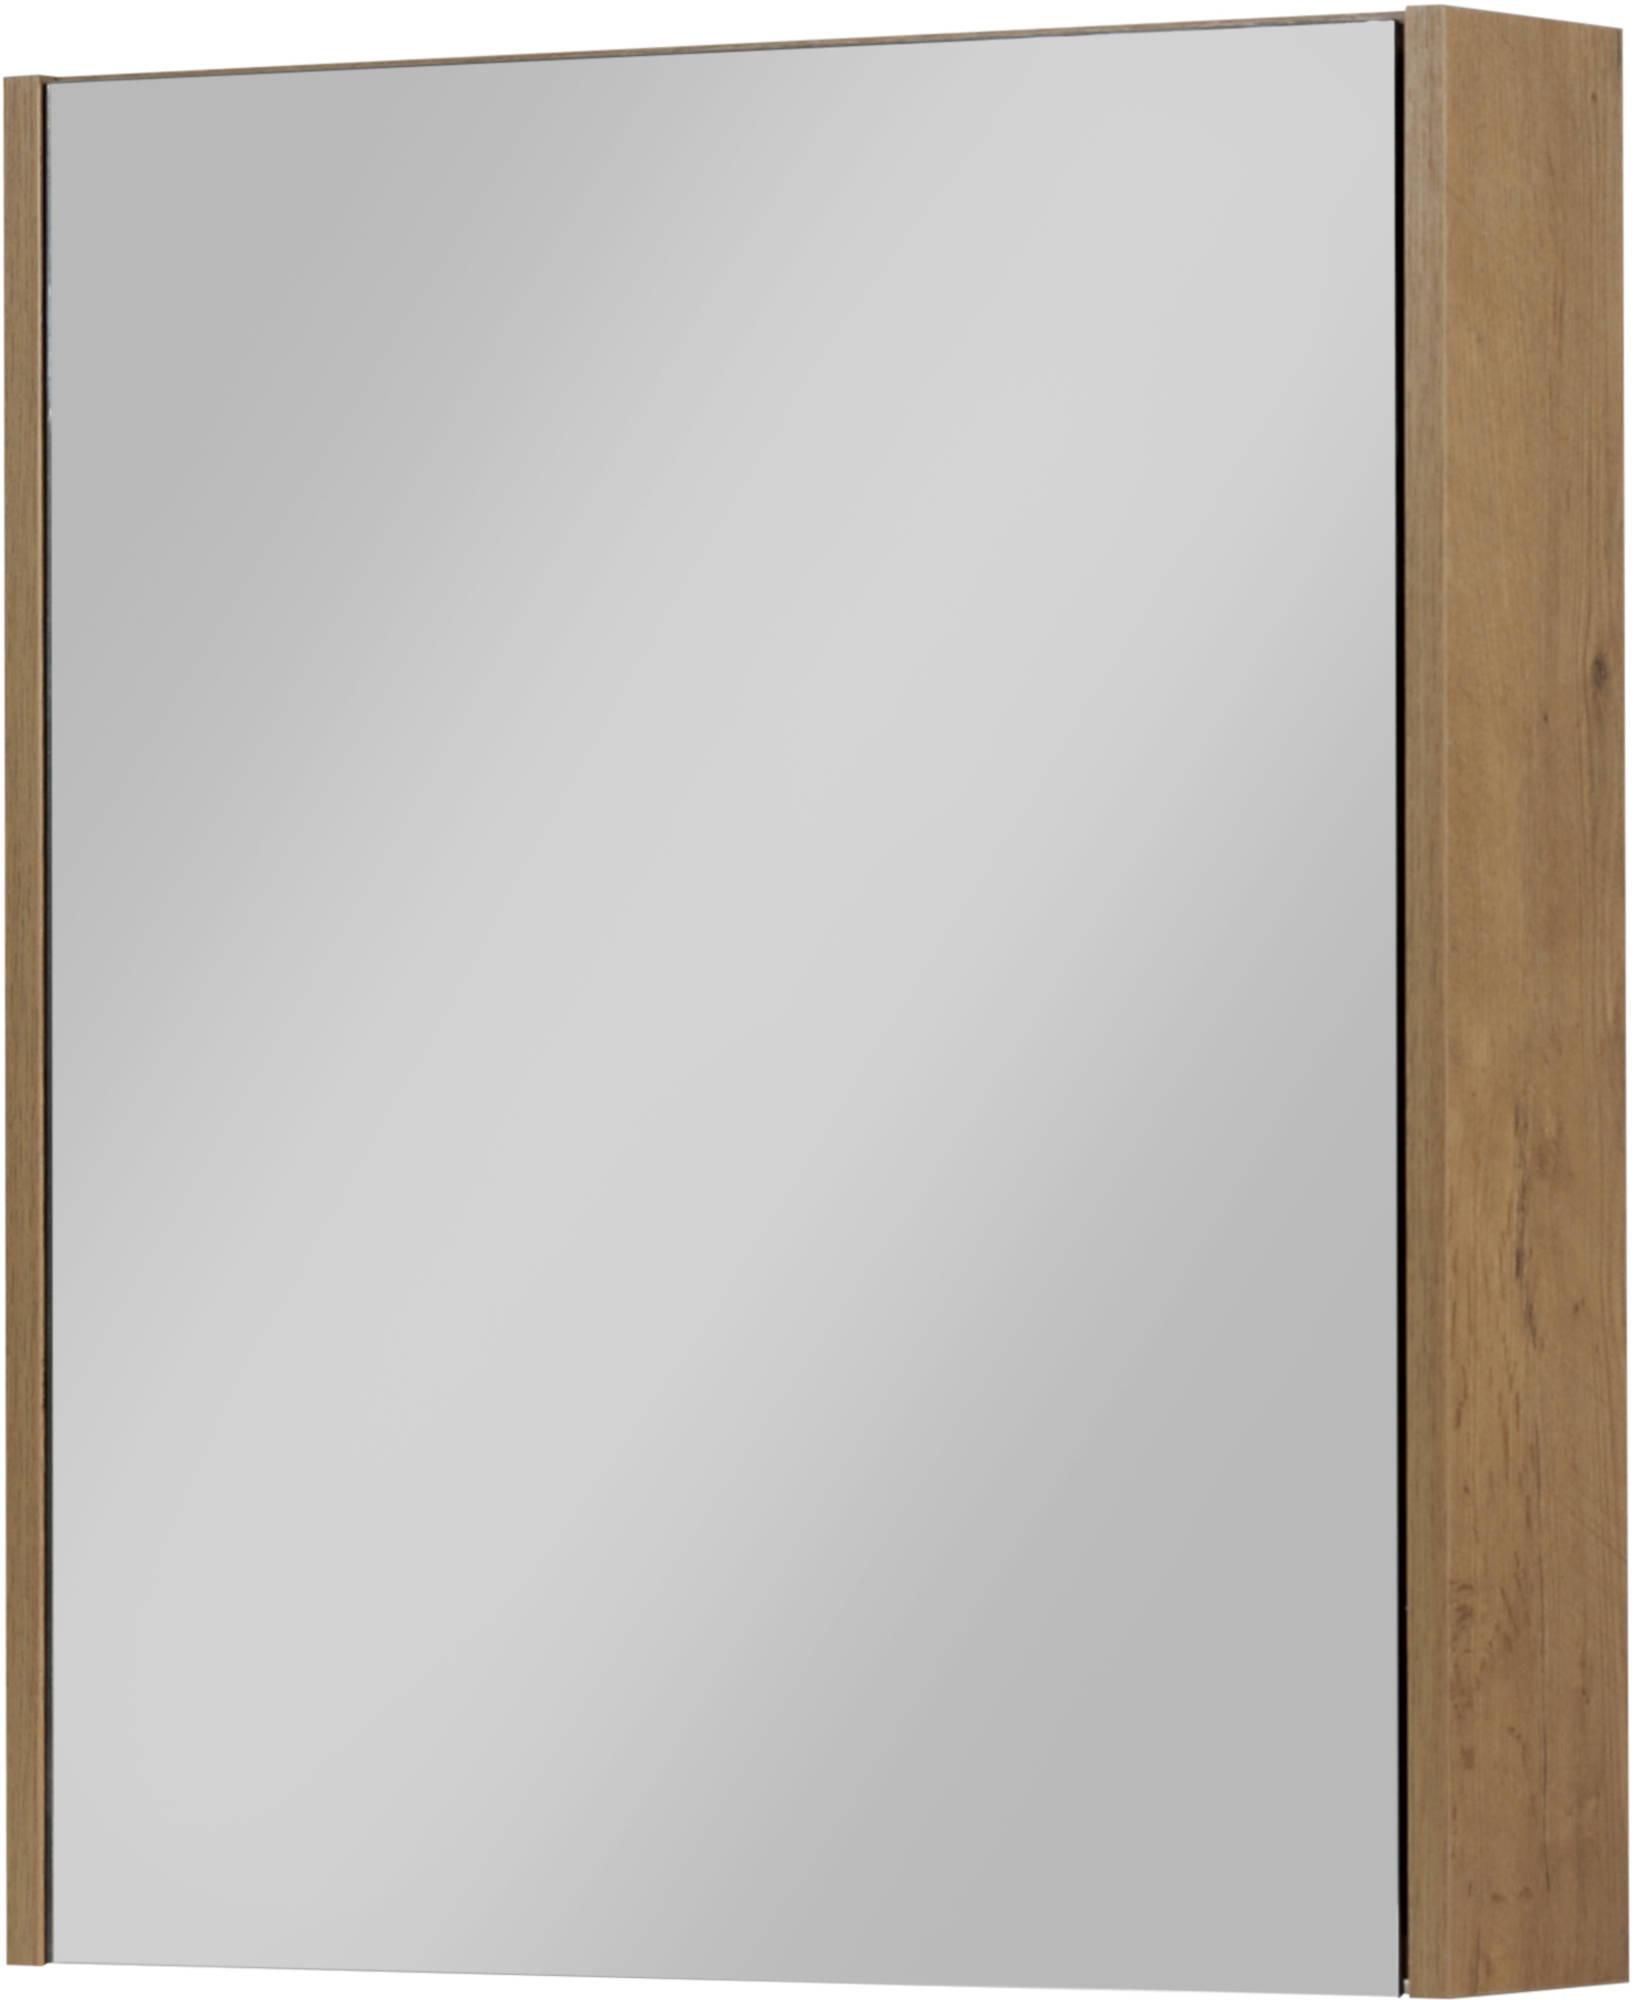 Saniselect Socan Spiegelkast 60x14x70 cm Wild Eiken